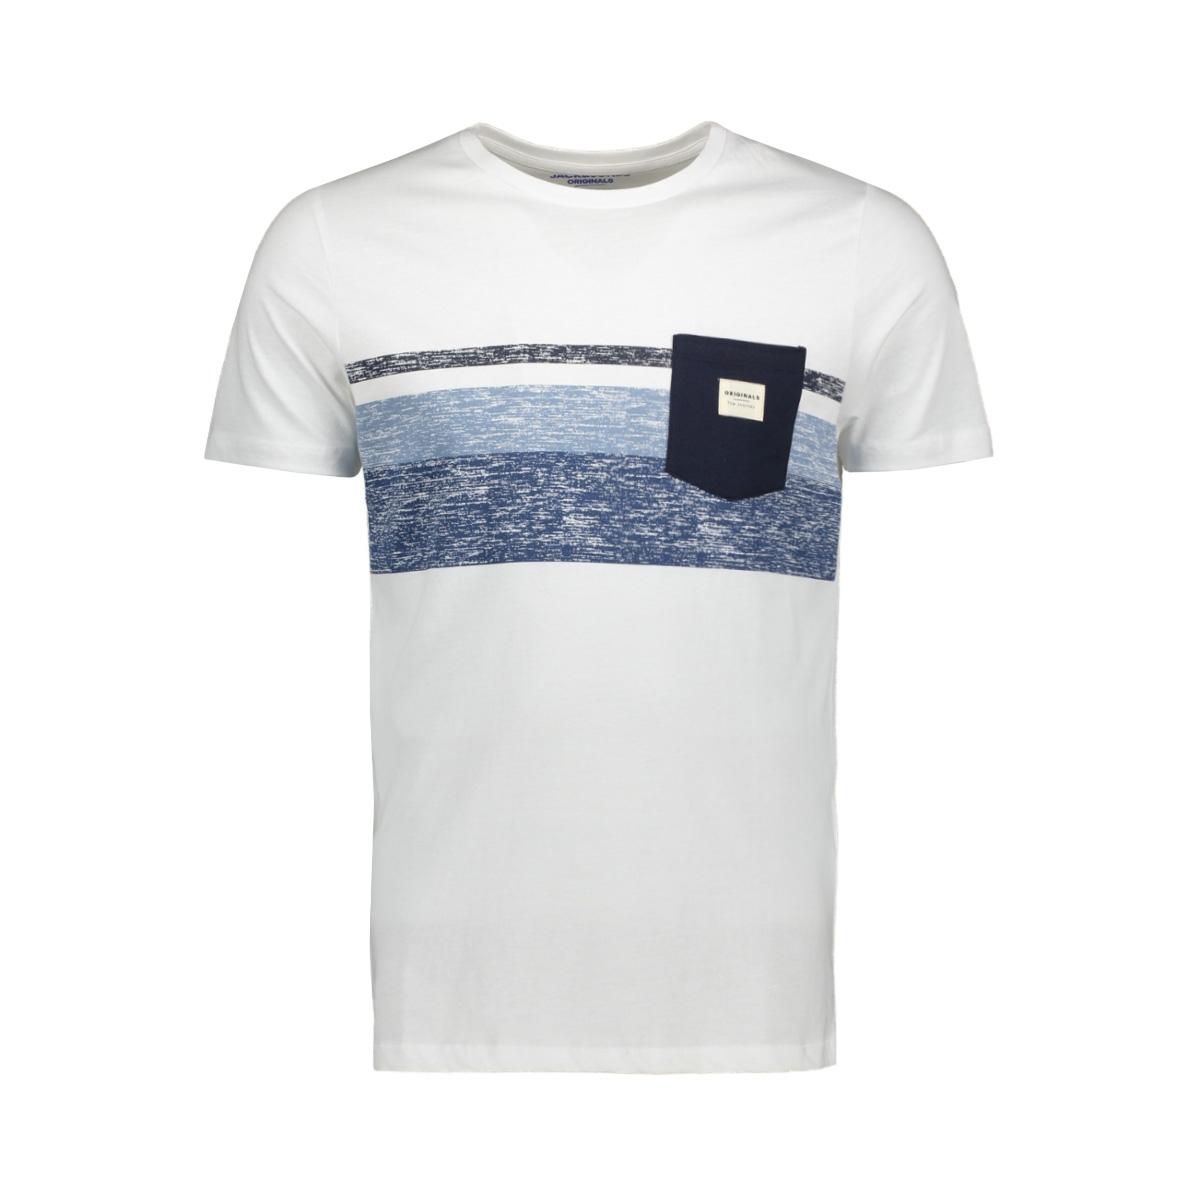 jorlangley tee ss crew neck 12164449 jack & jones t-shirt white/slim